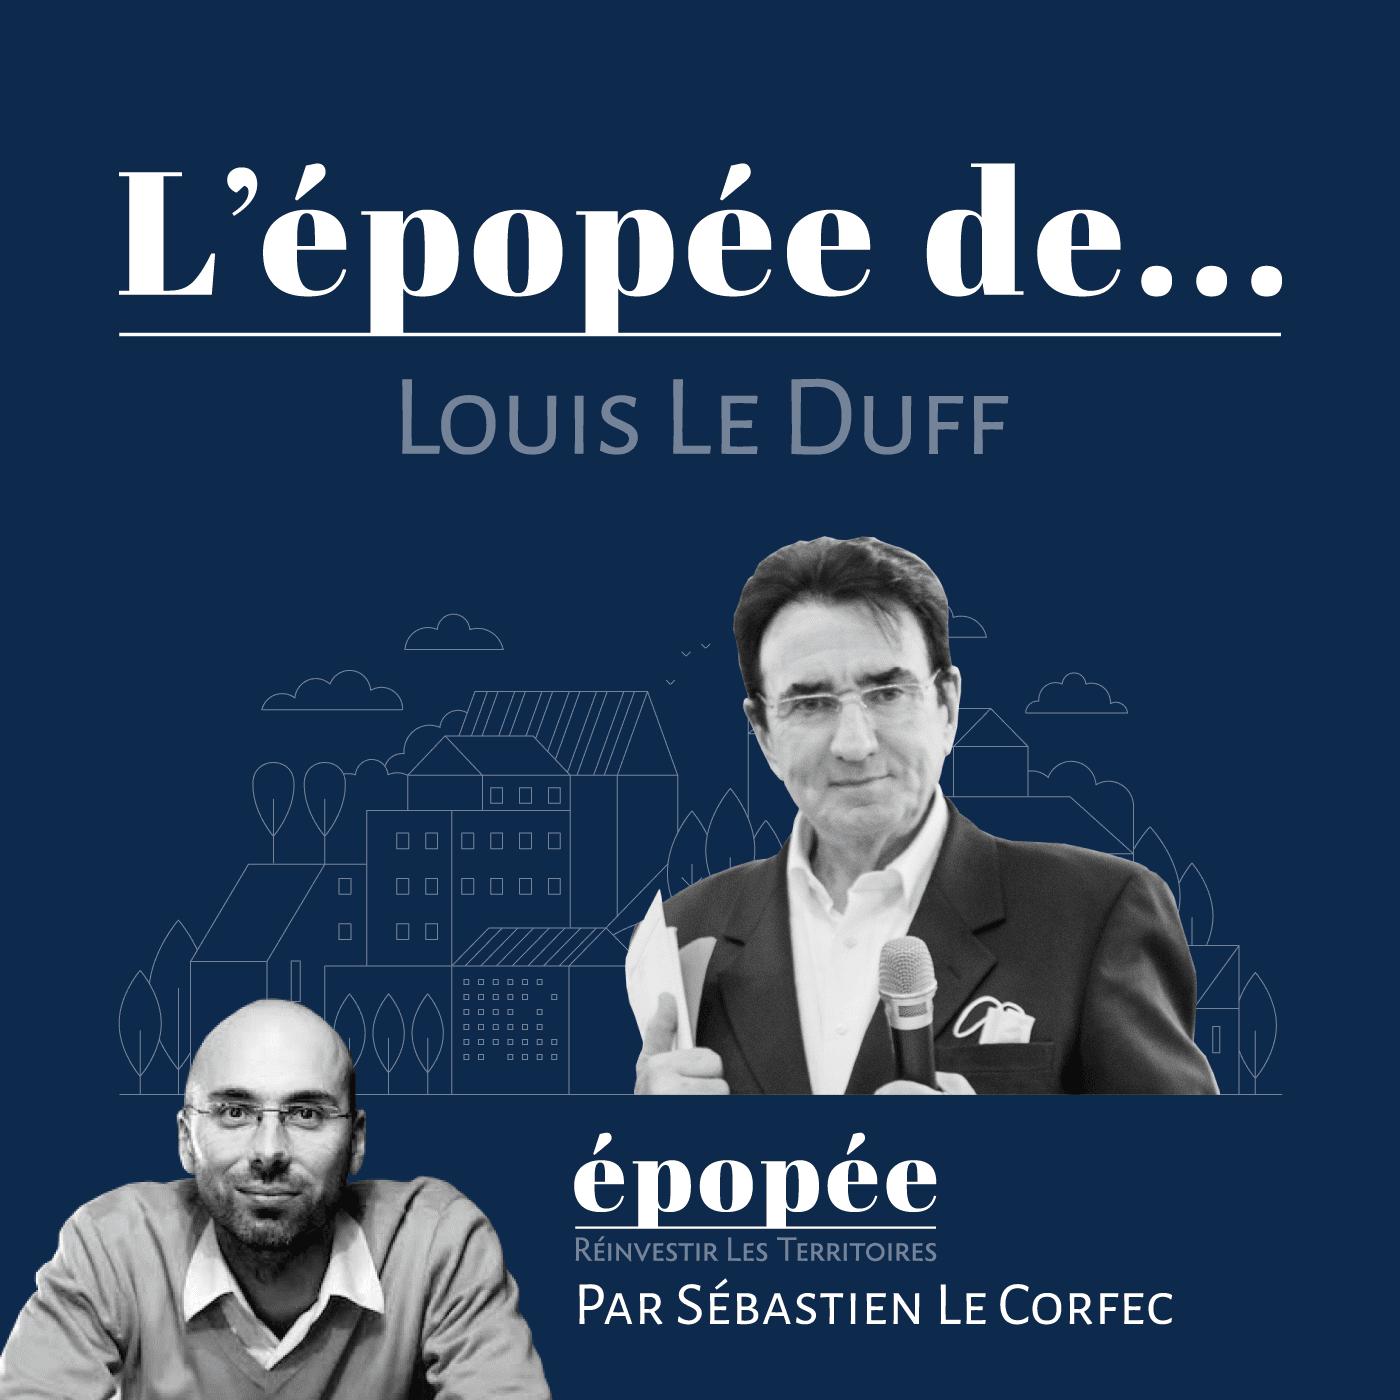 Louis Le Duff - Podcast